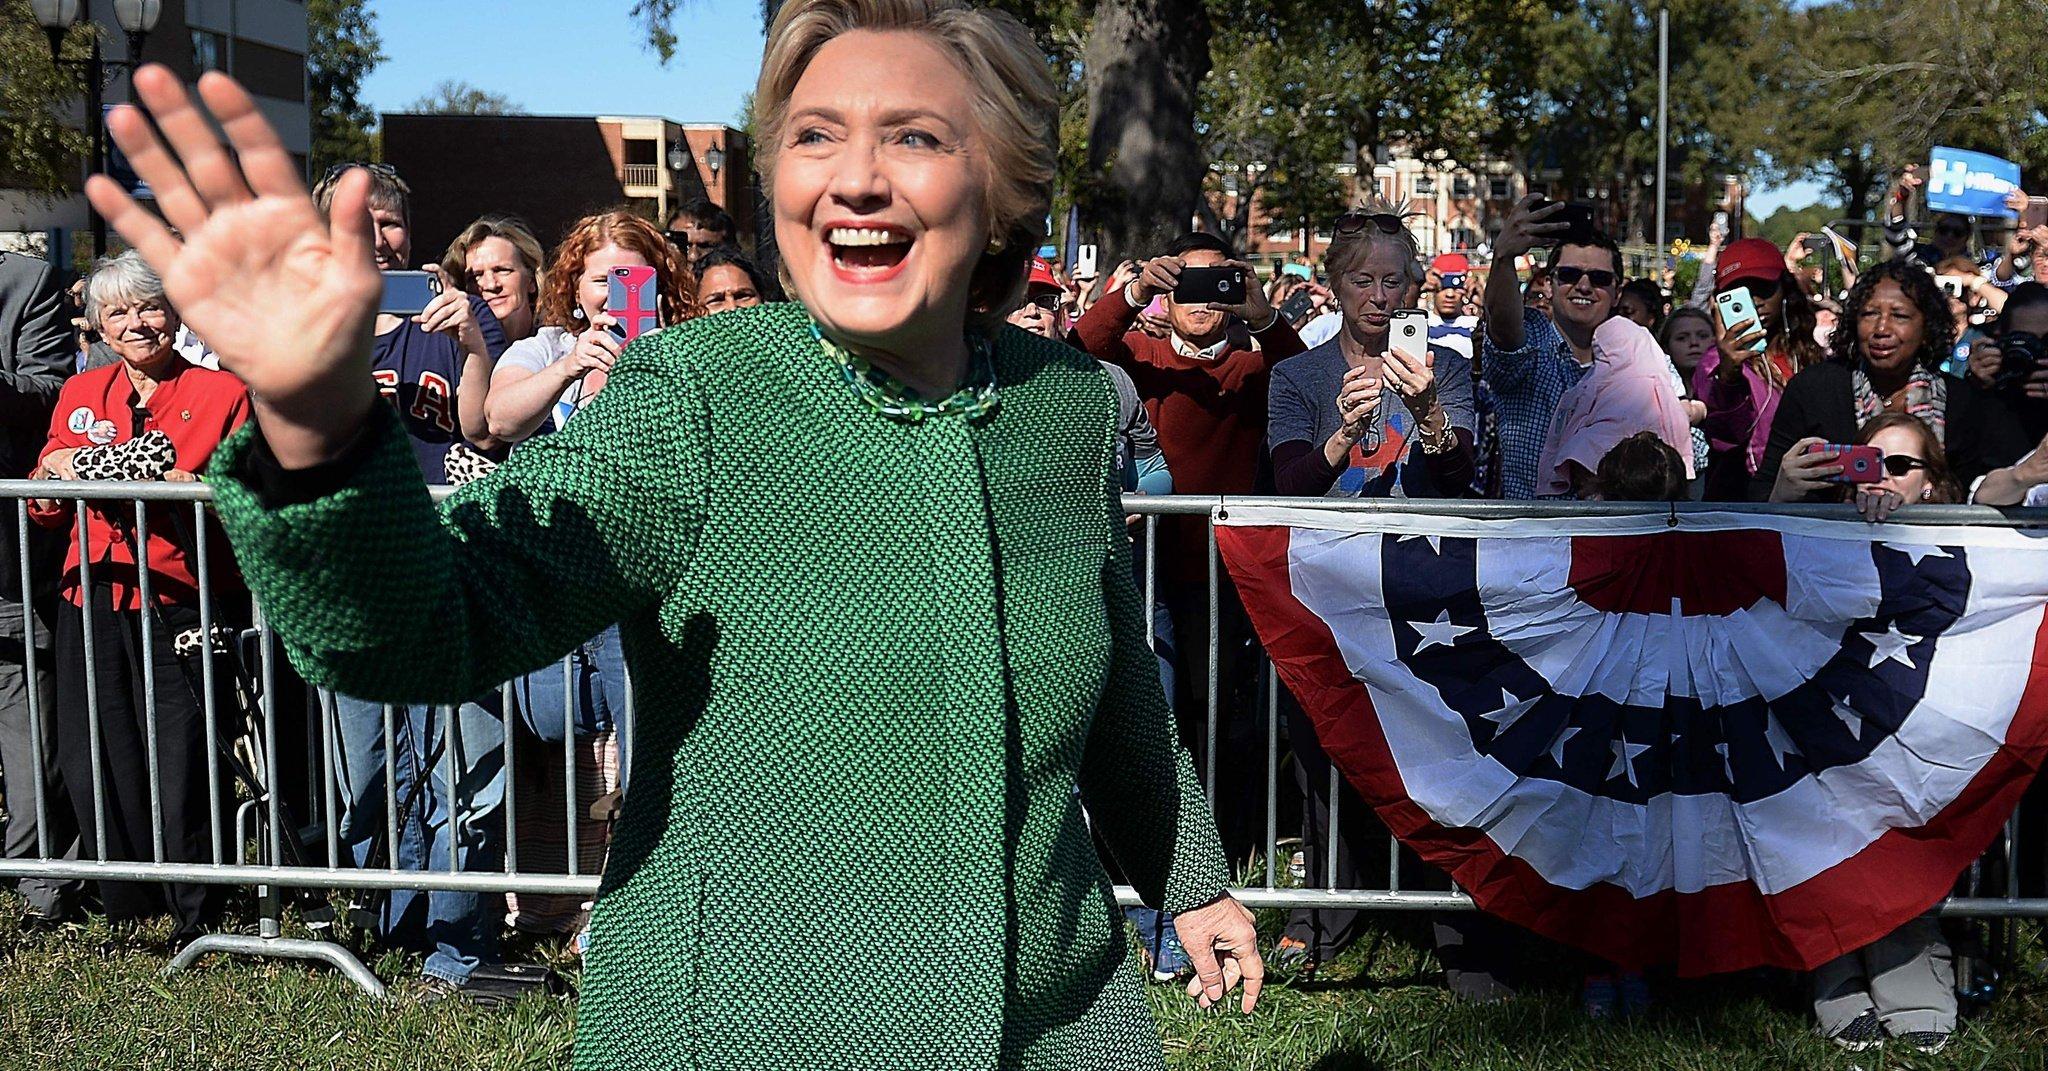 【賄賂か】ヒラリー・クリントン候補の関連団体が、ヒラリー氏の私用メール問題担当のFBI幹部の妻に5200万円の献金!